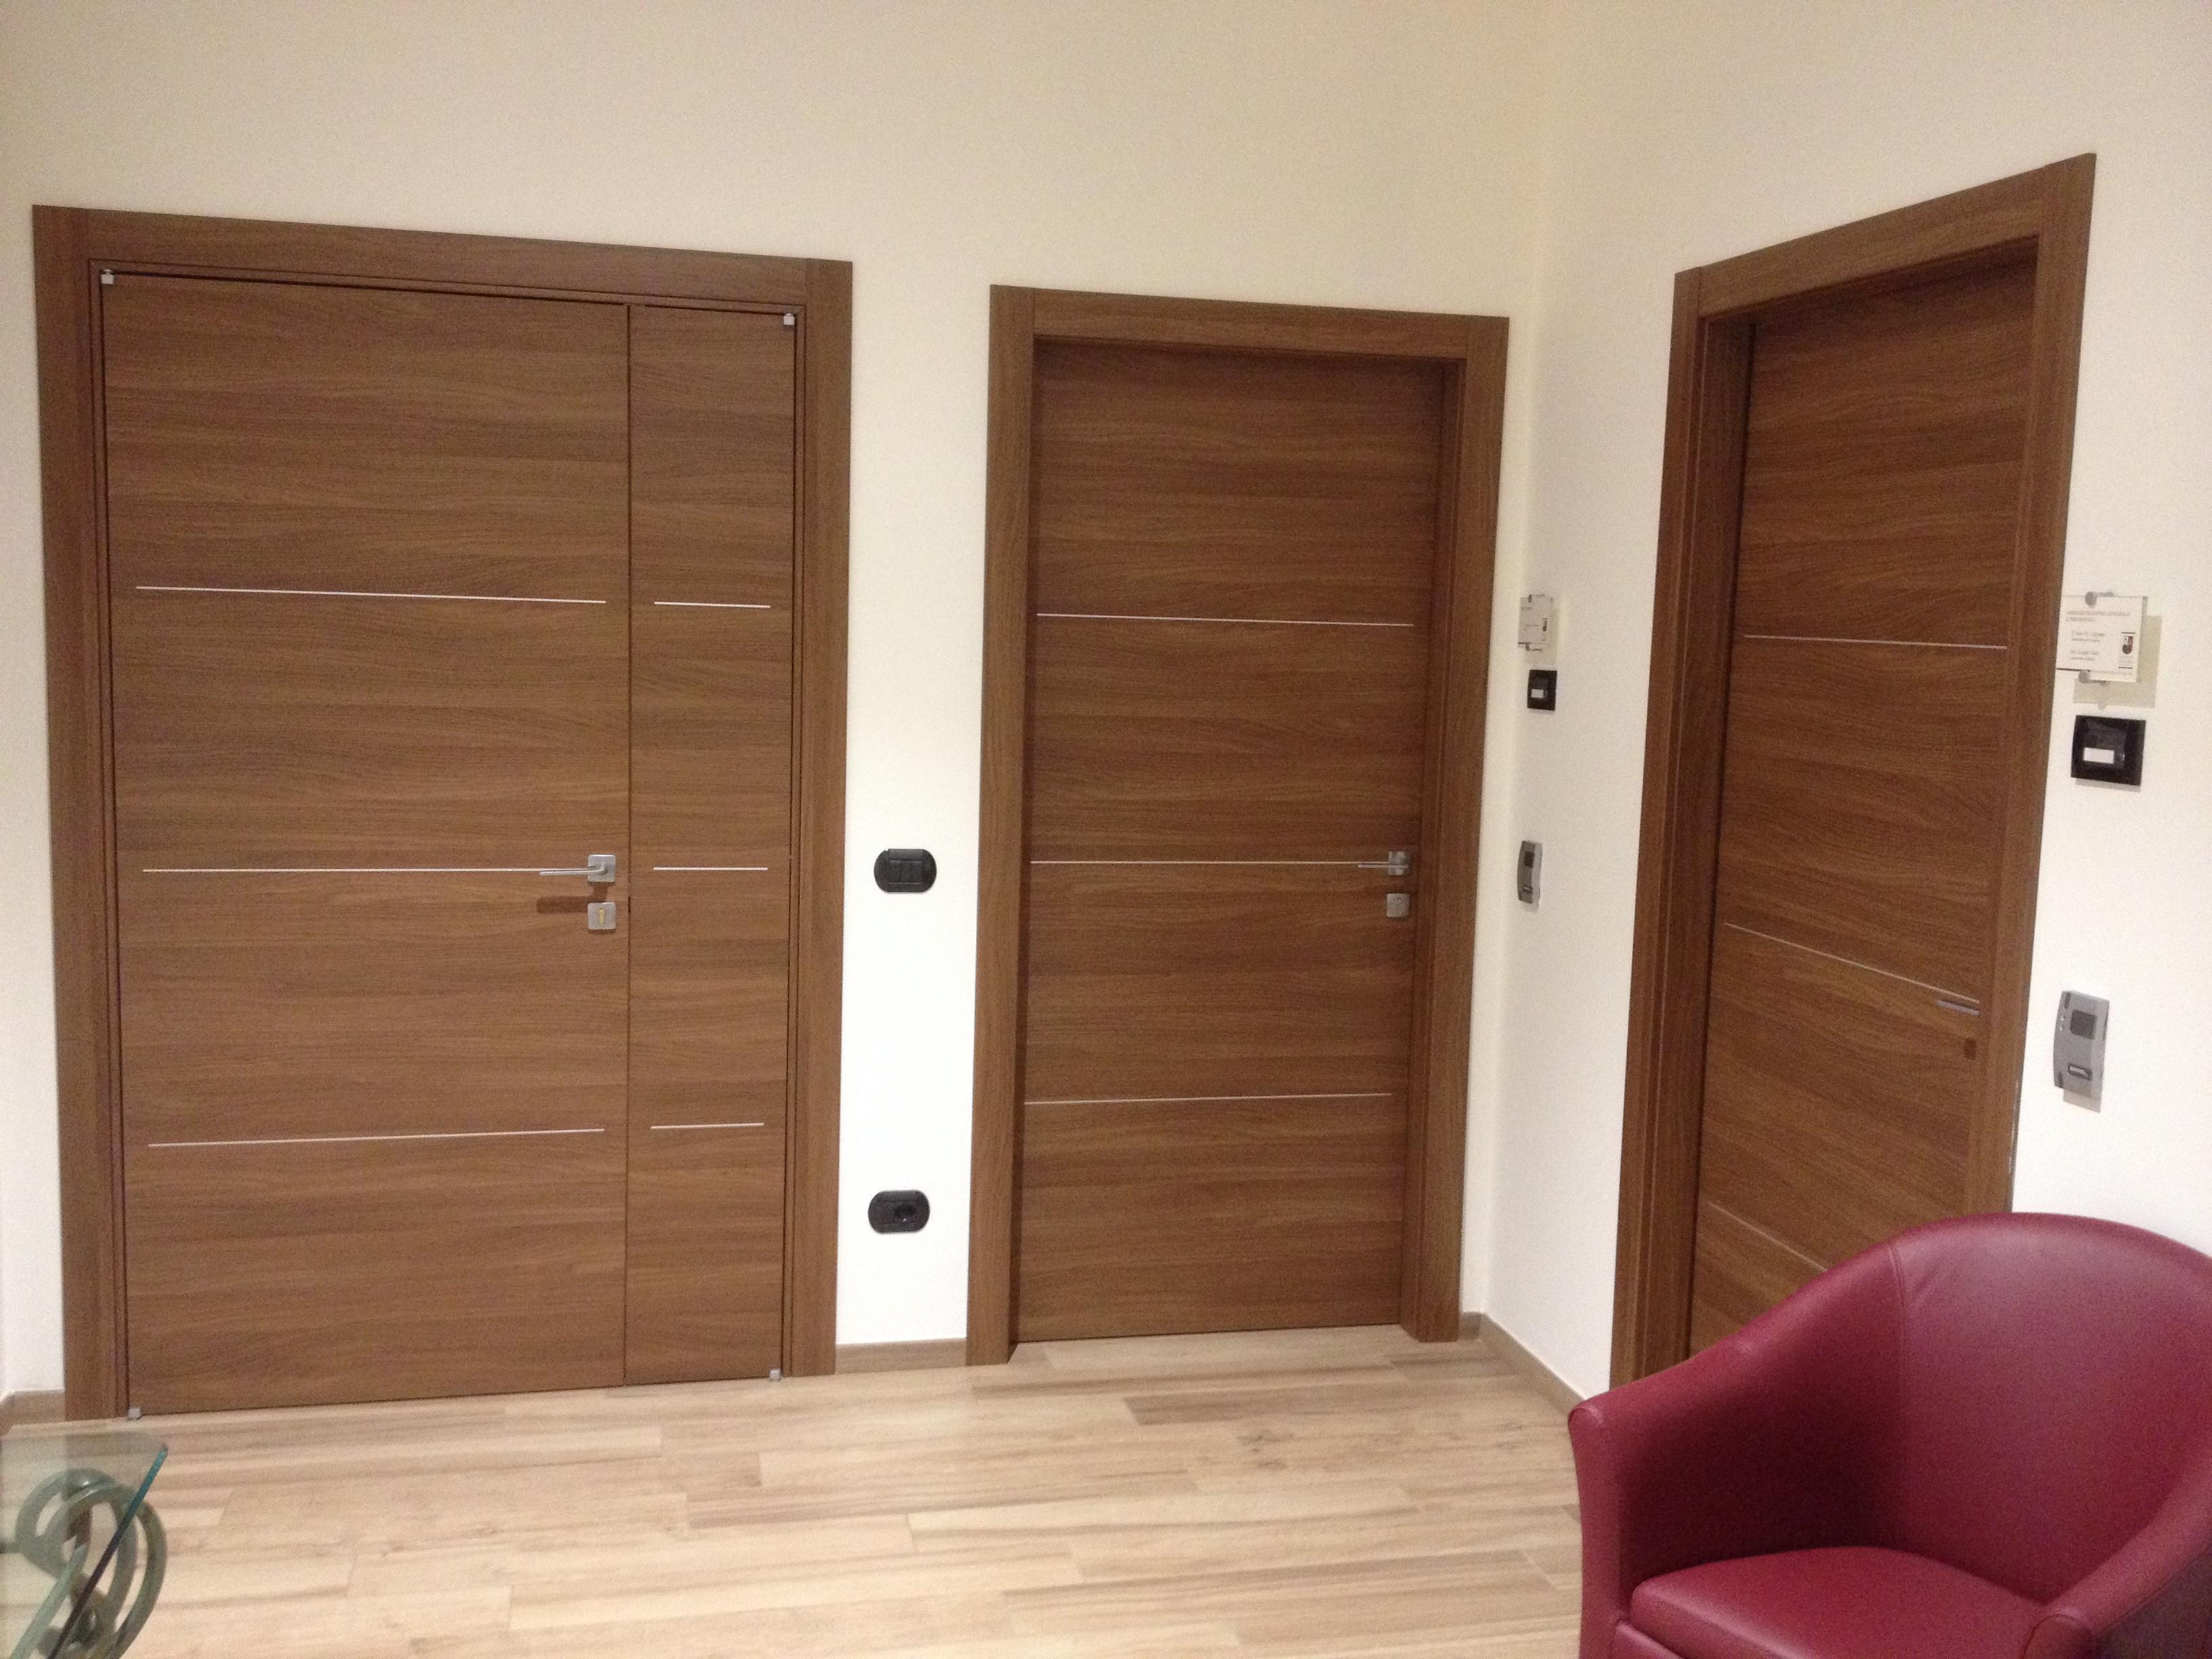 Sostituzione Porte Interne Detrazione porte da interni - arte serramenti - cernusco sul naviglio